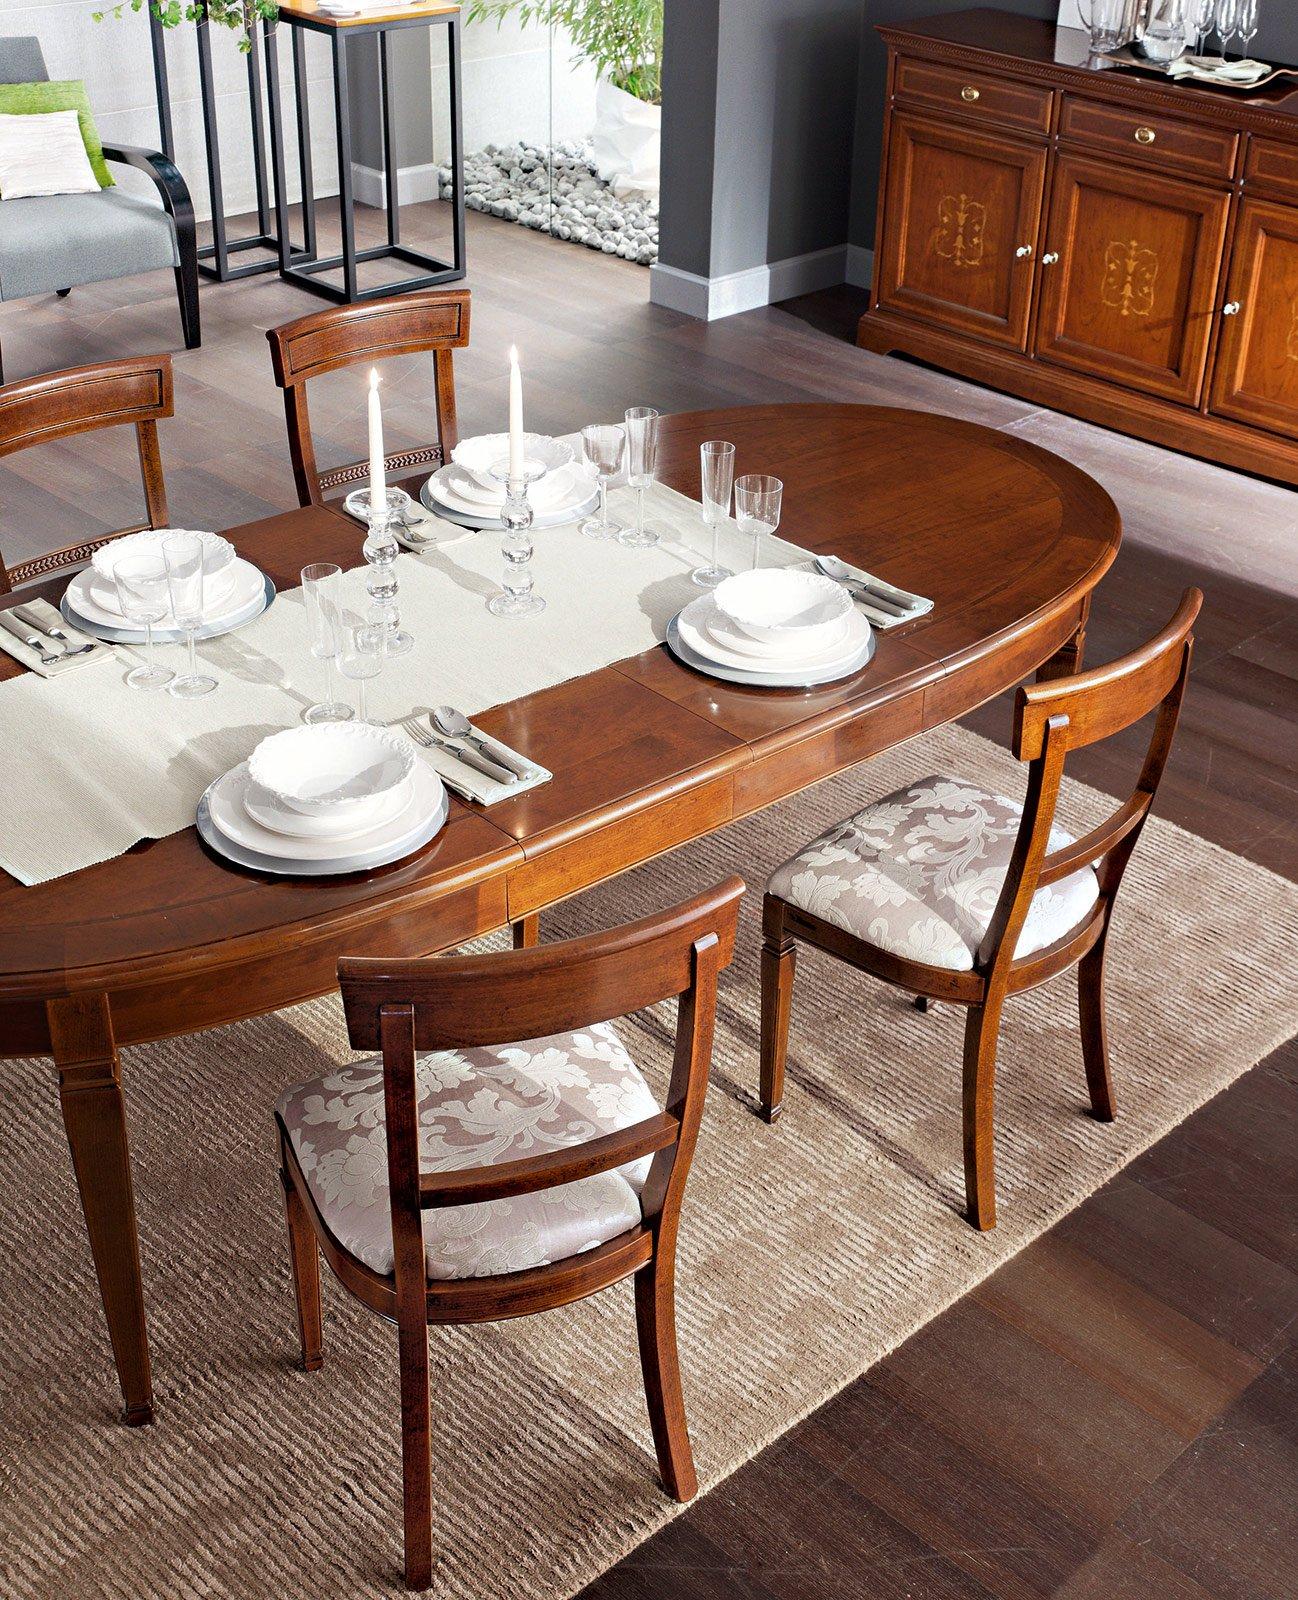 La tavola delle feste prepariamoci per capodanno cose di casa - Tovaglia per tavolo ovale ...